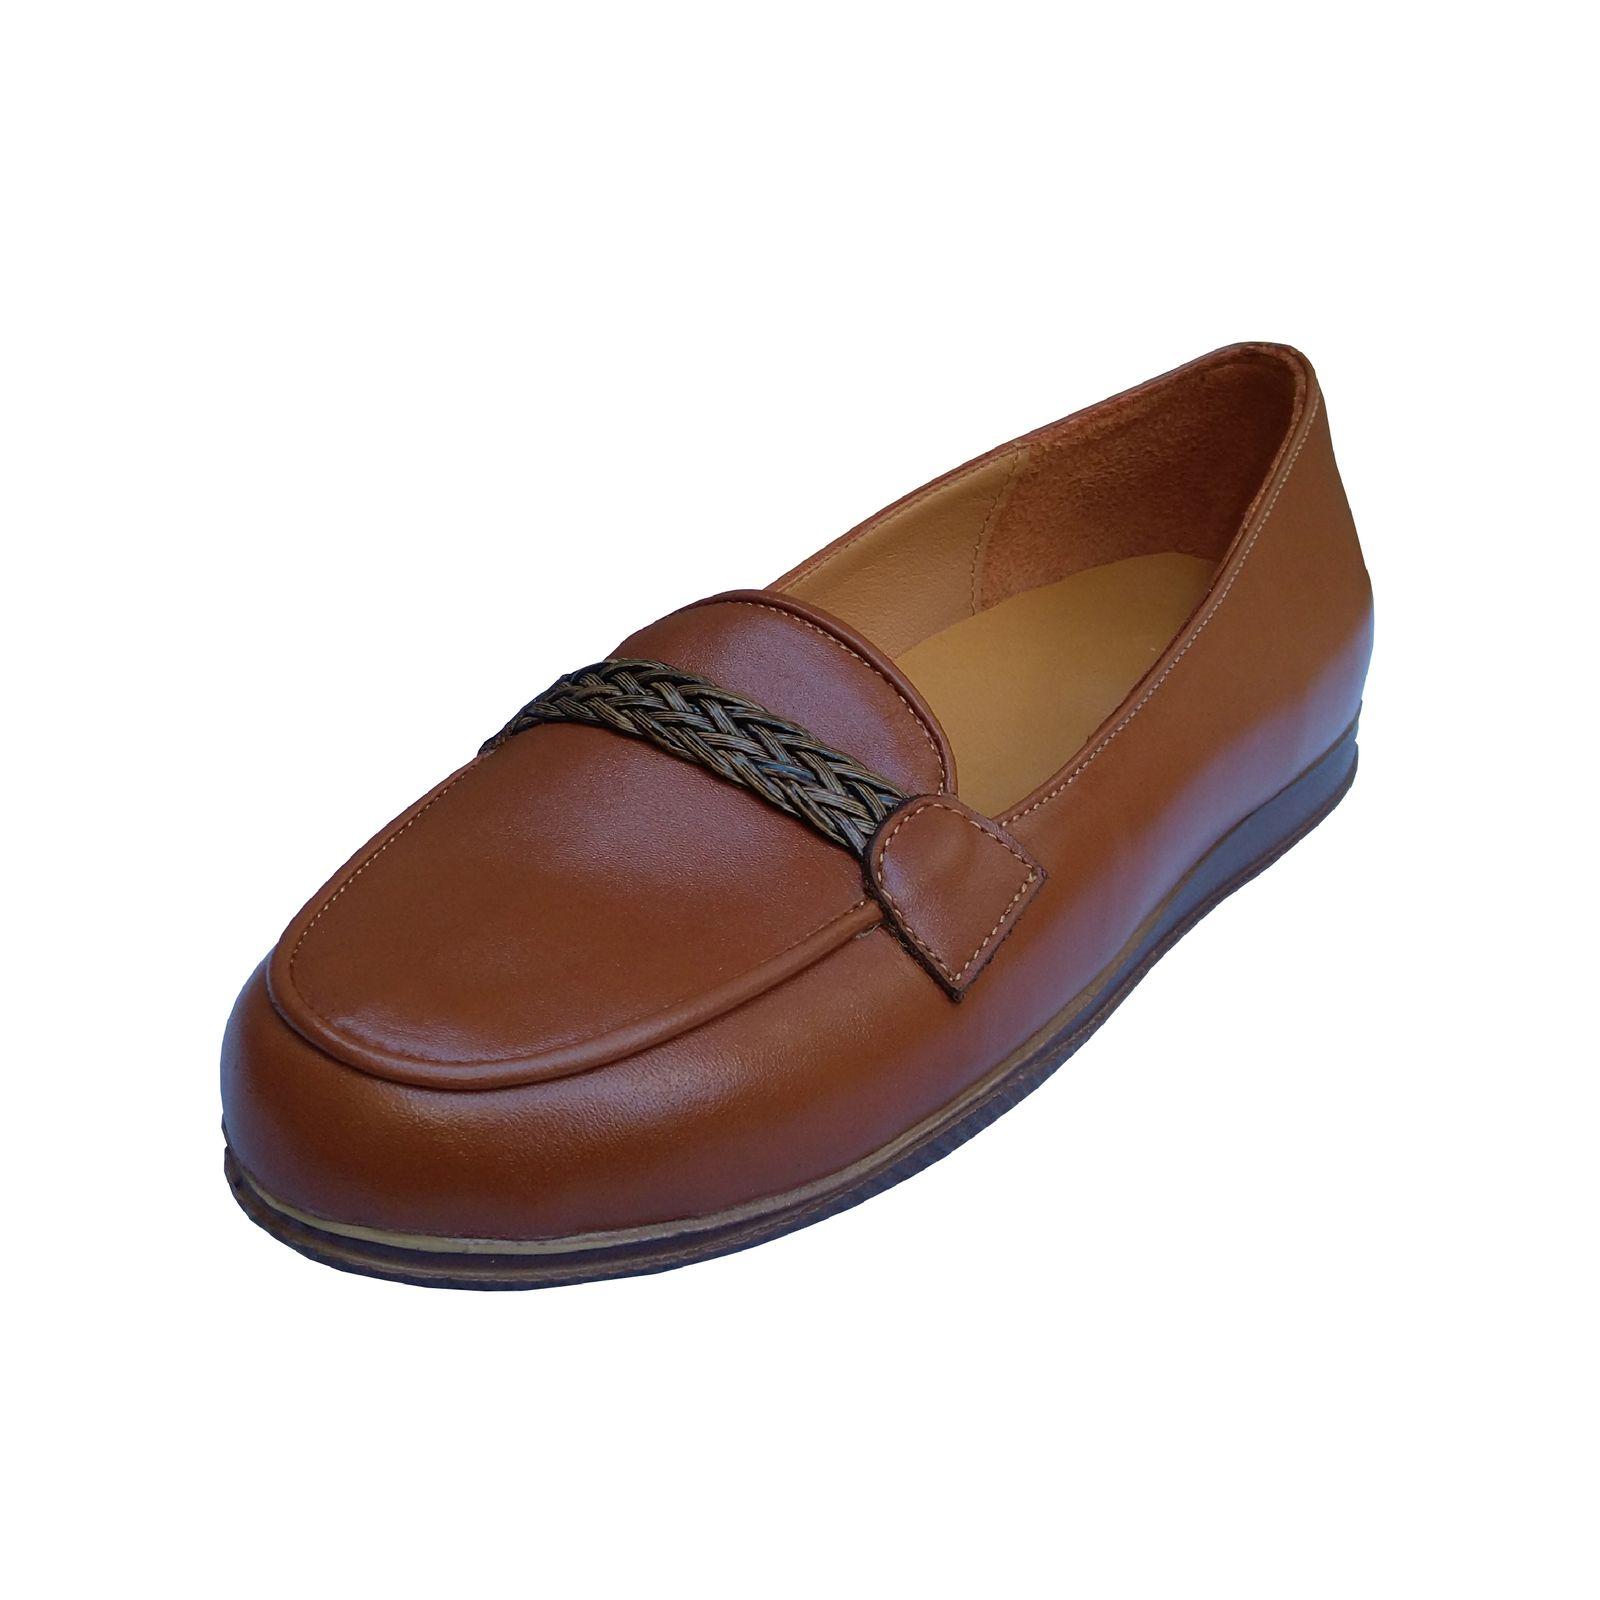 کفش روزمره زنانه مدل SK 312 -  - 6